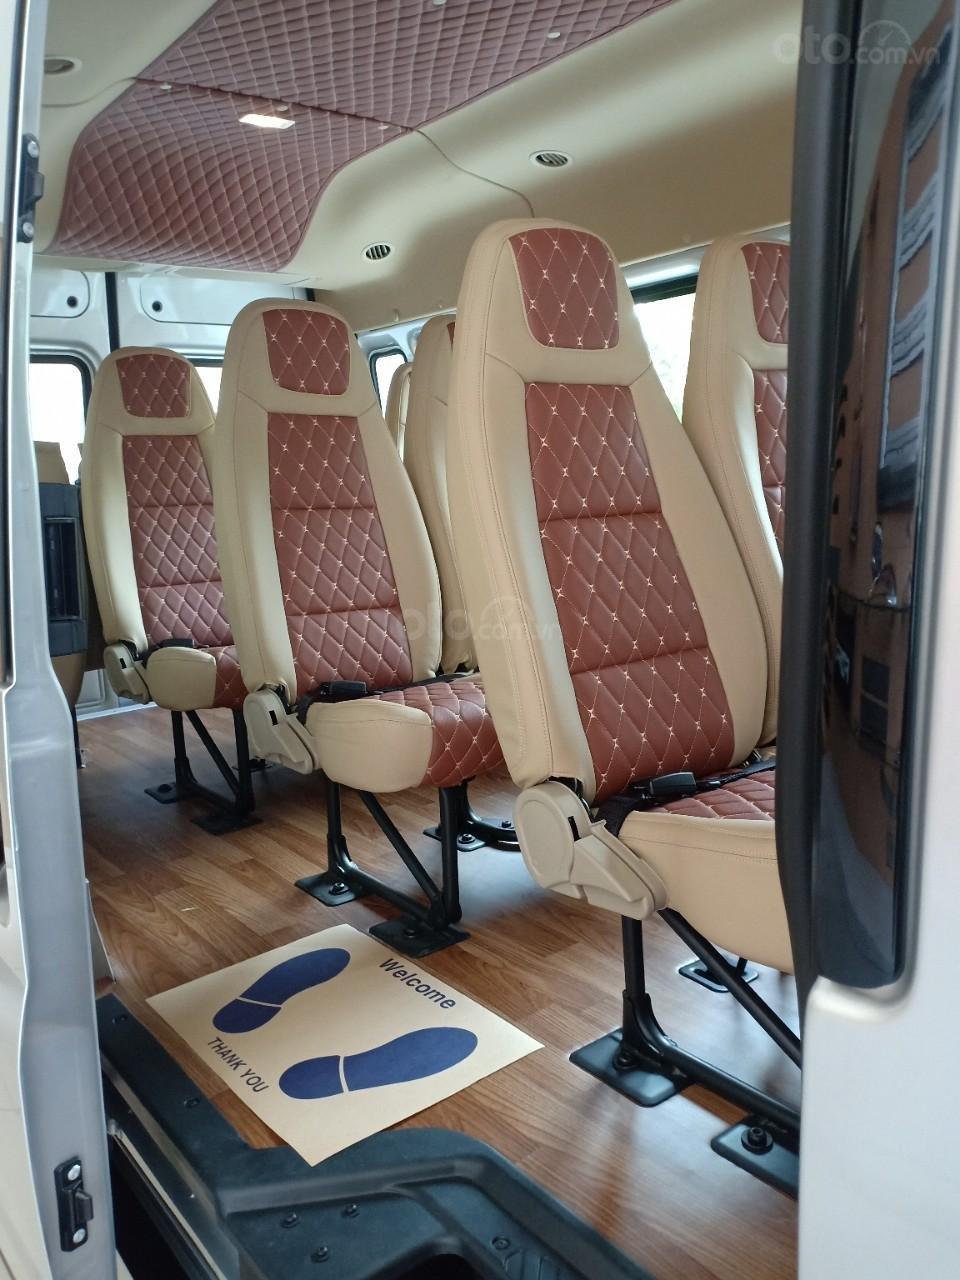 Bán Ford Transit mới, khuyến mãi lên tới 100 triệu, liên hệ Xuân Liên 089 86 89 076 (3)